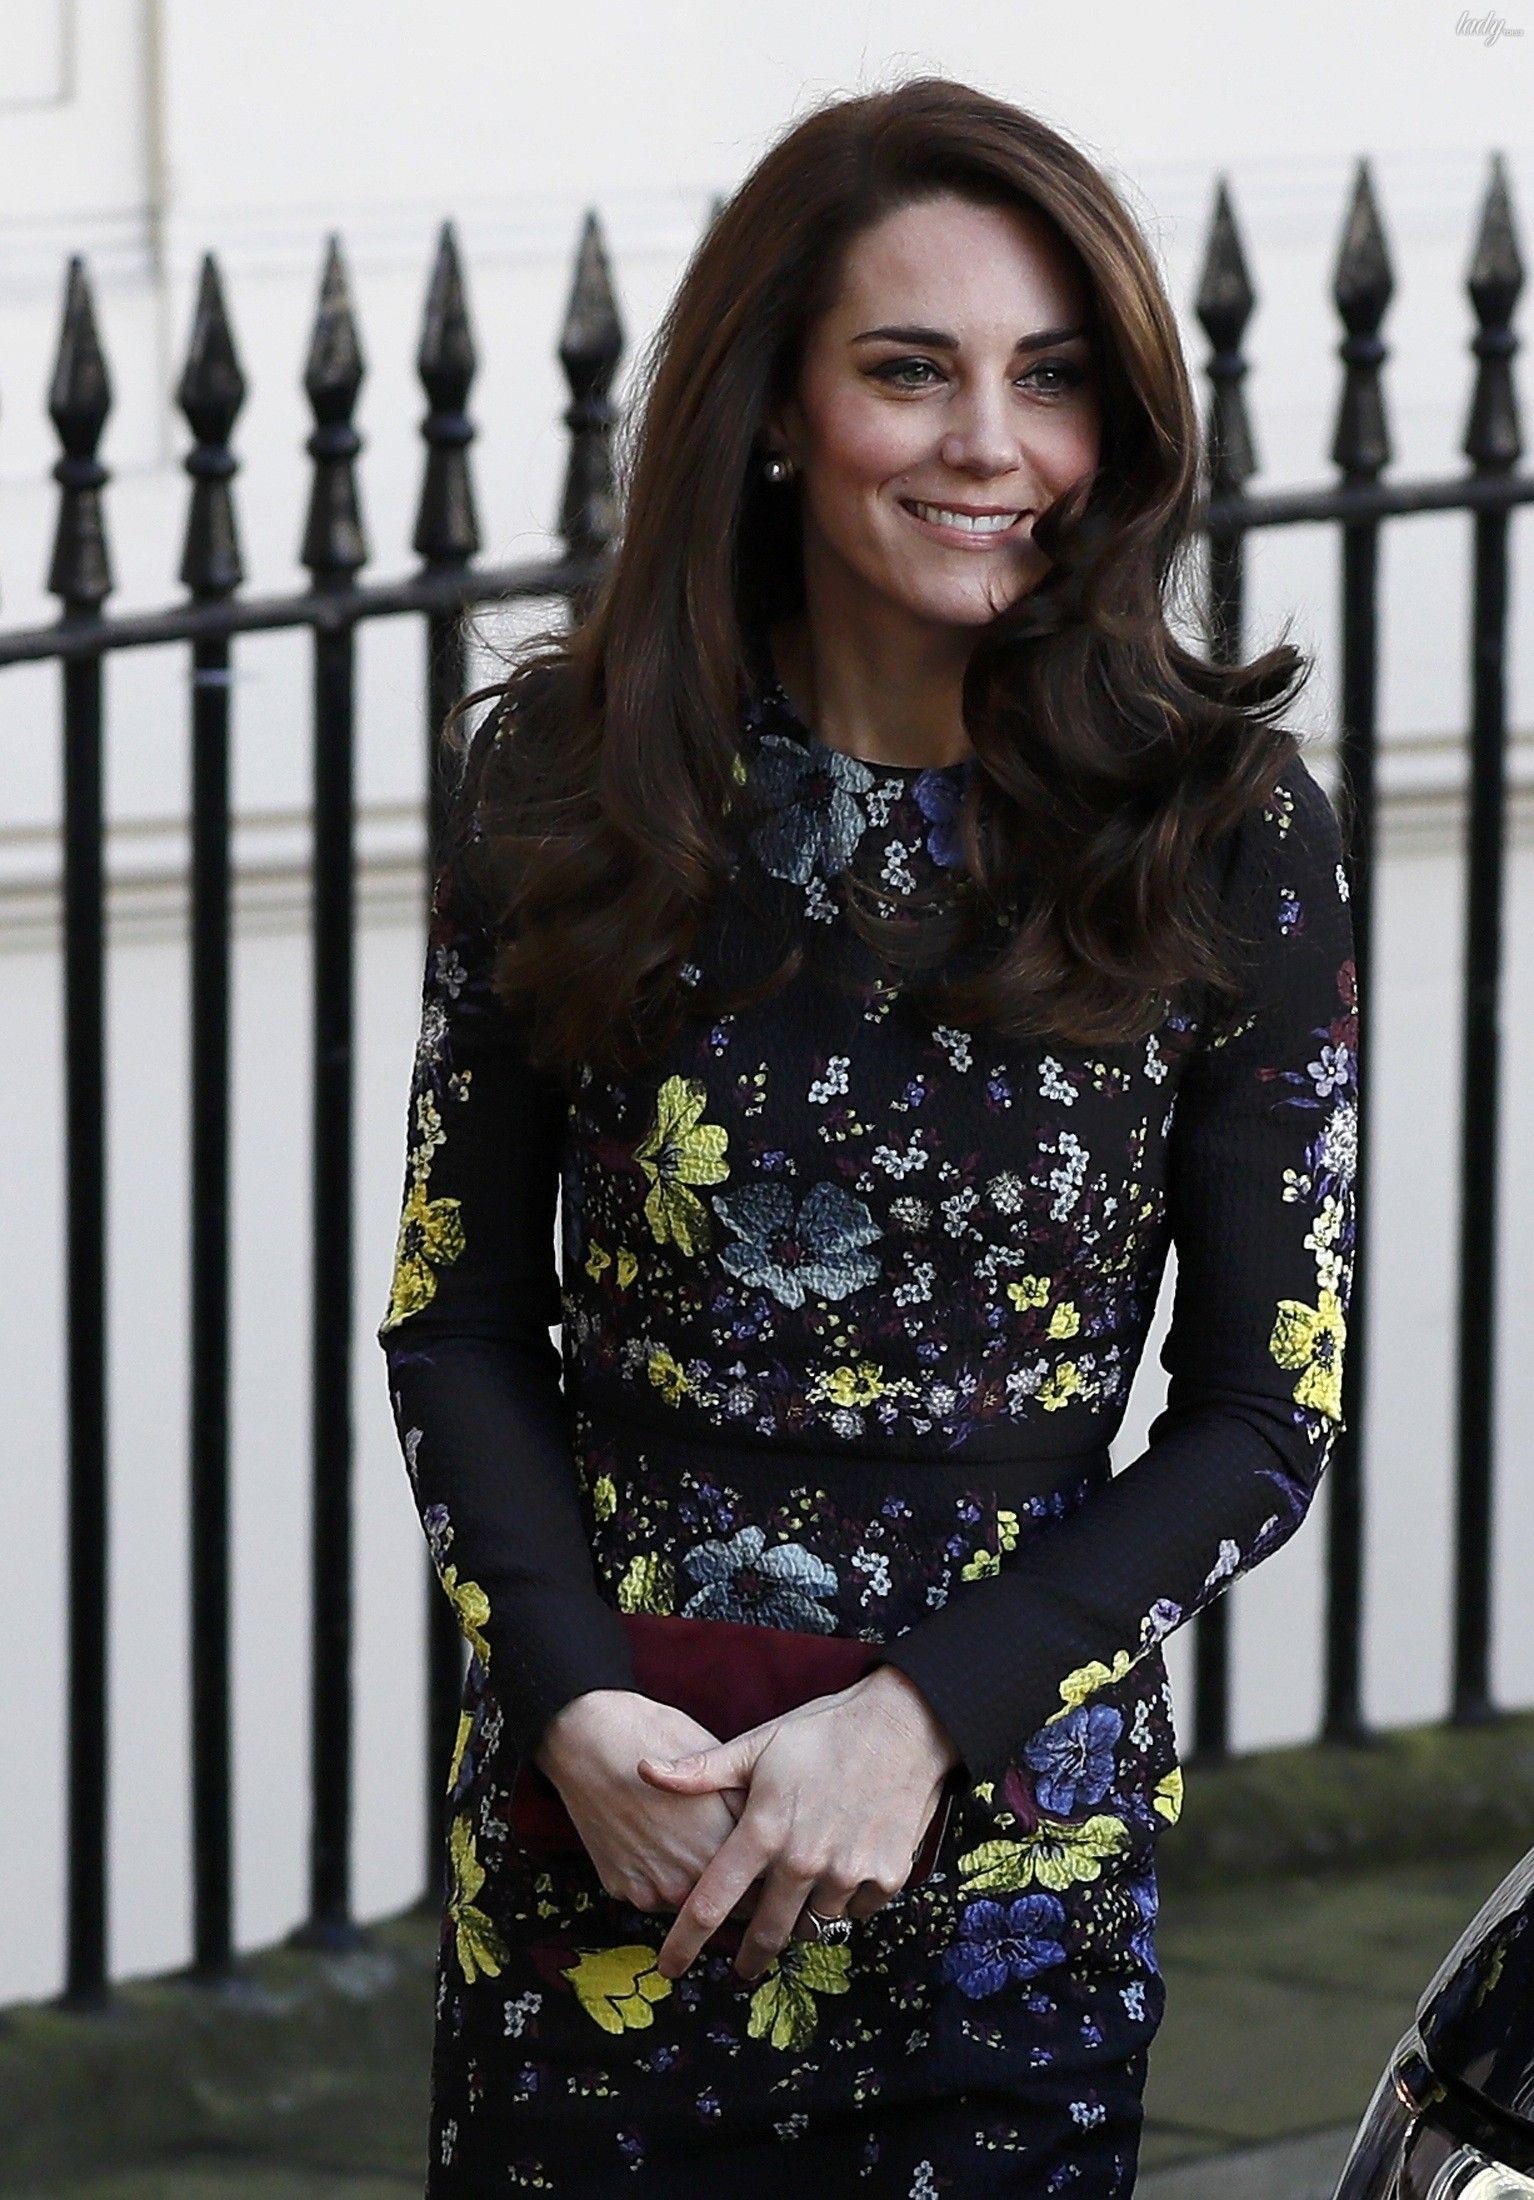 фото герцогиня кембриджская последние новости фото парламент